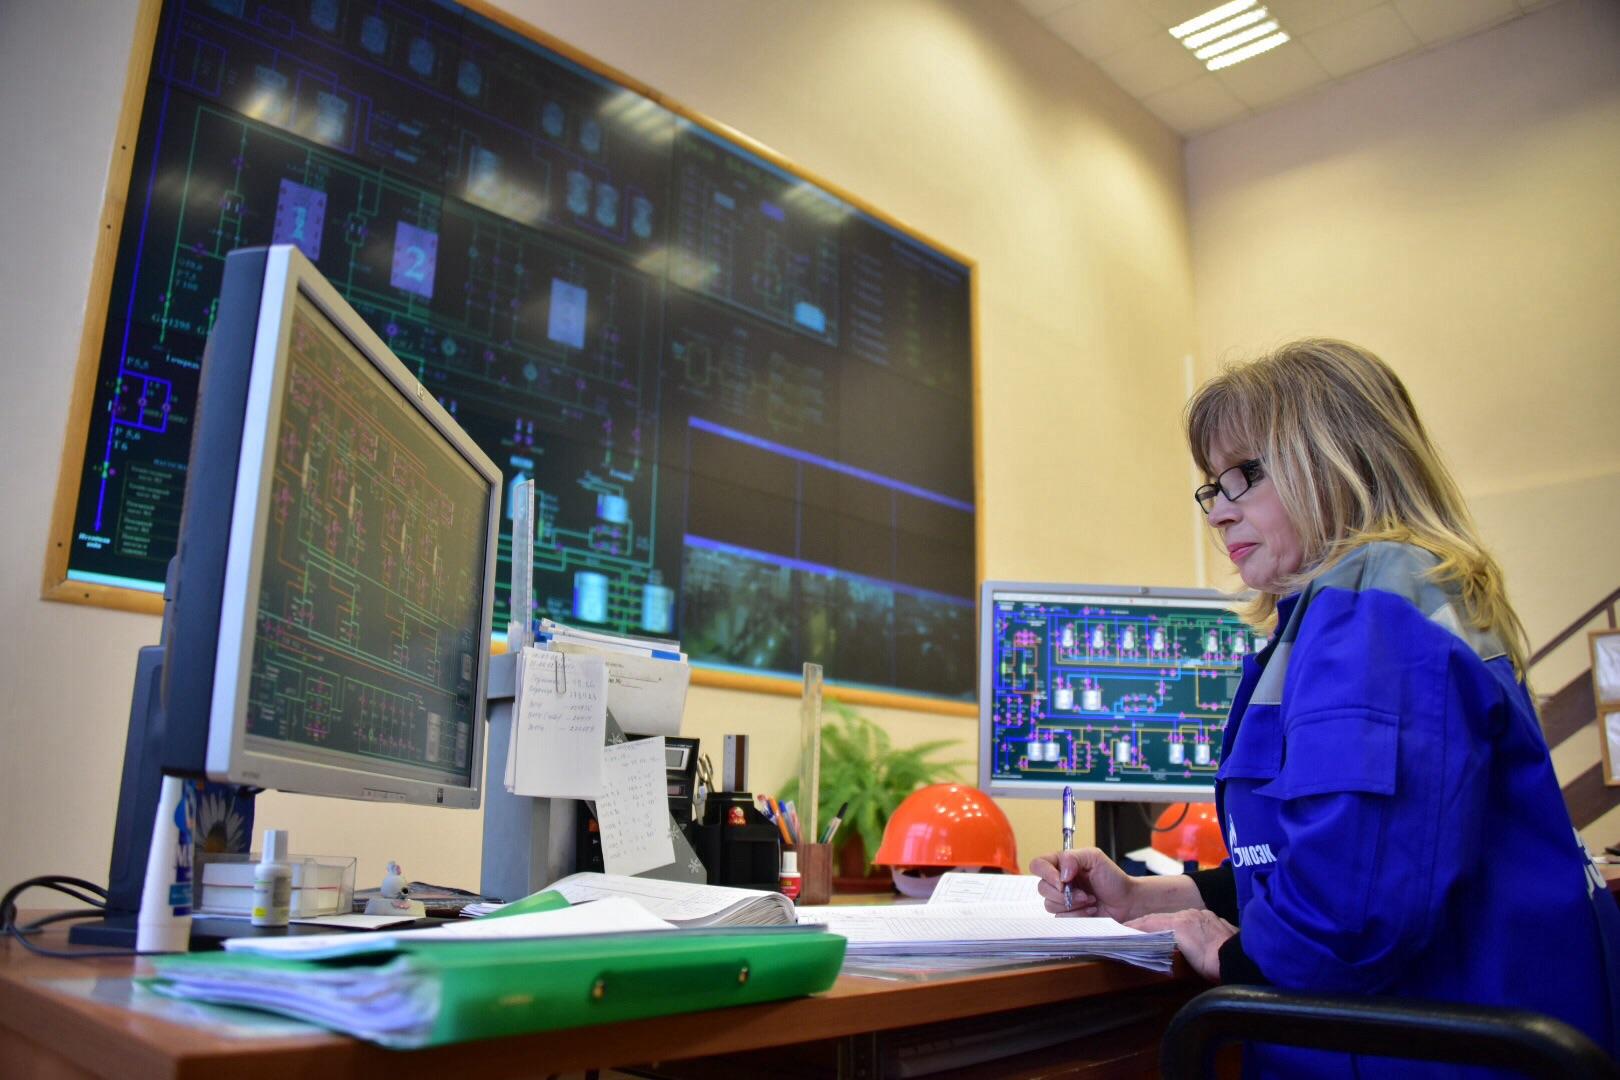 Гидравлические испытания тепловых сетей начались в Москве.Фото: Антон Гердо